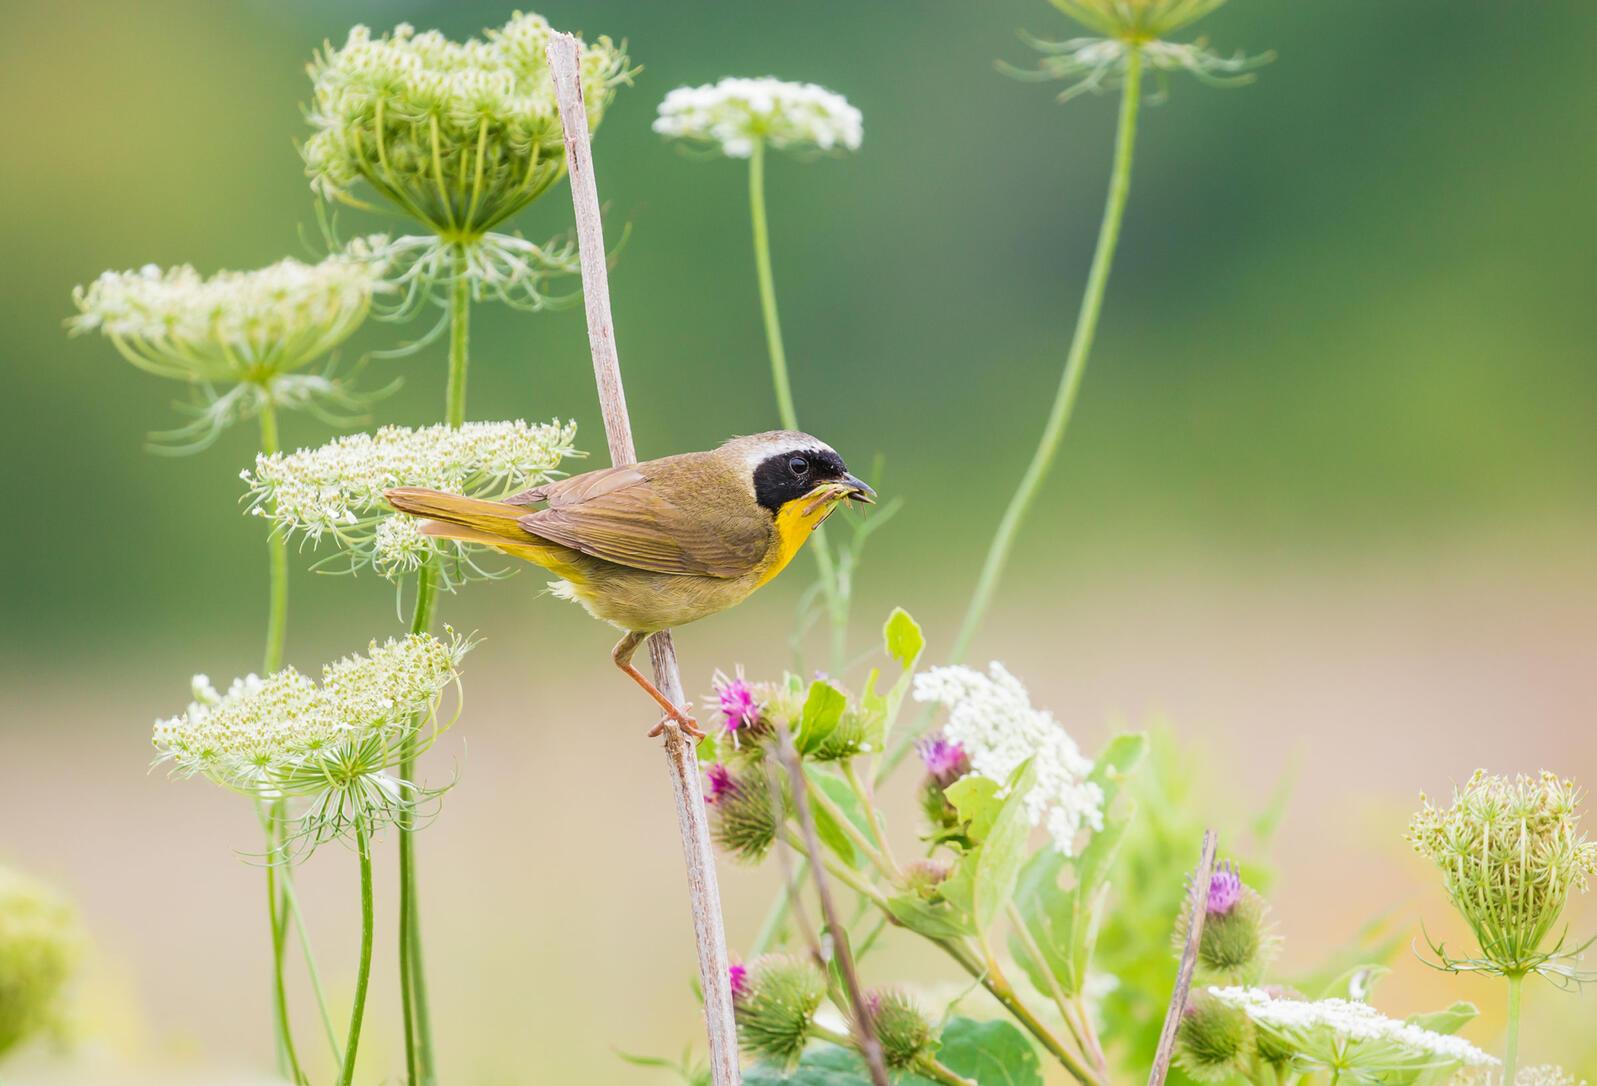 Common Yellowthroat. Karen Brown/Audubon Photography Awards